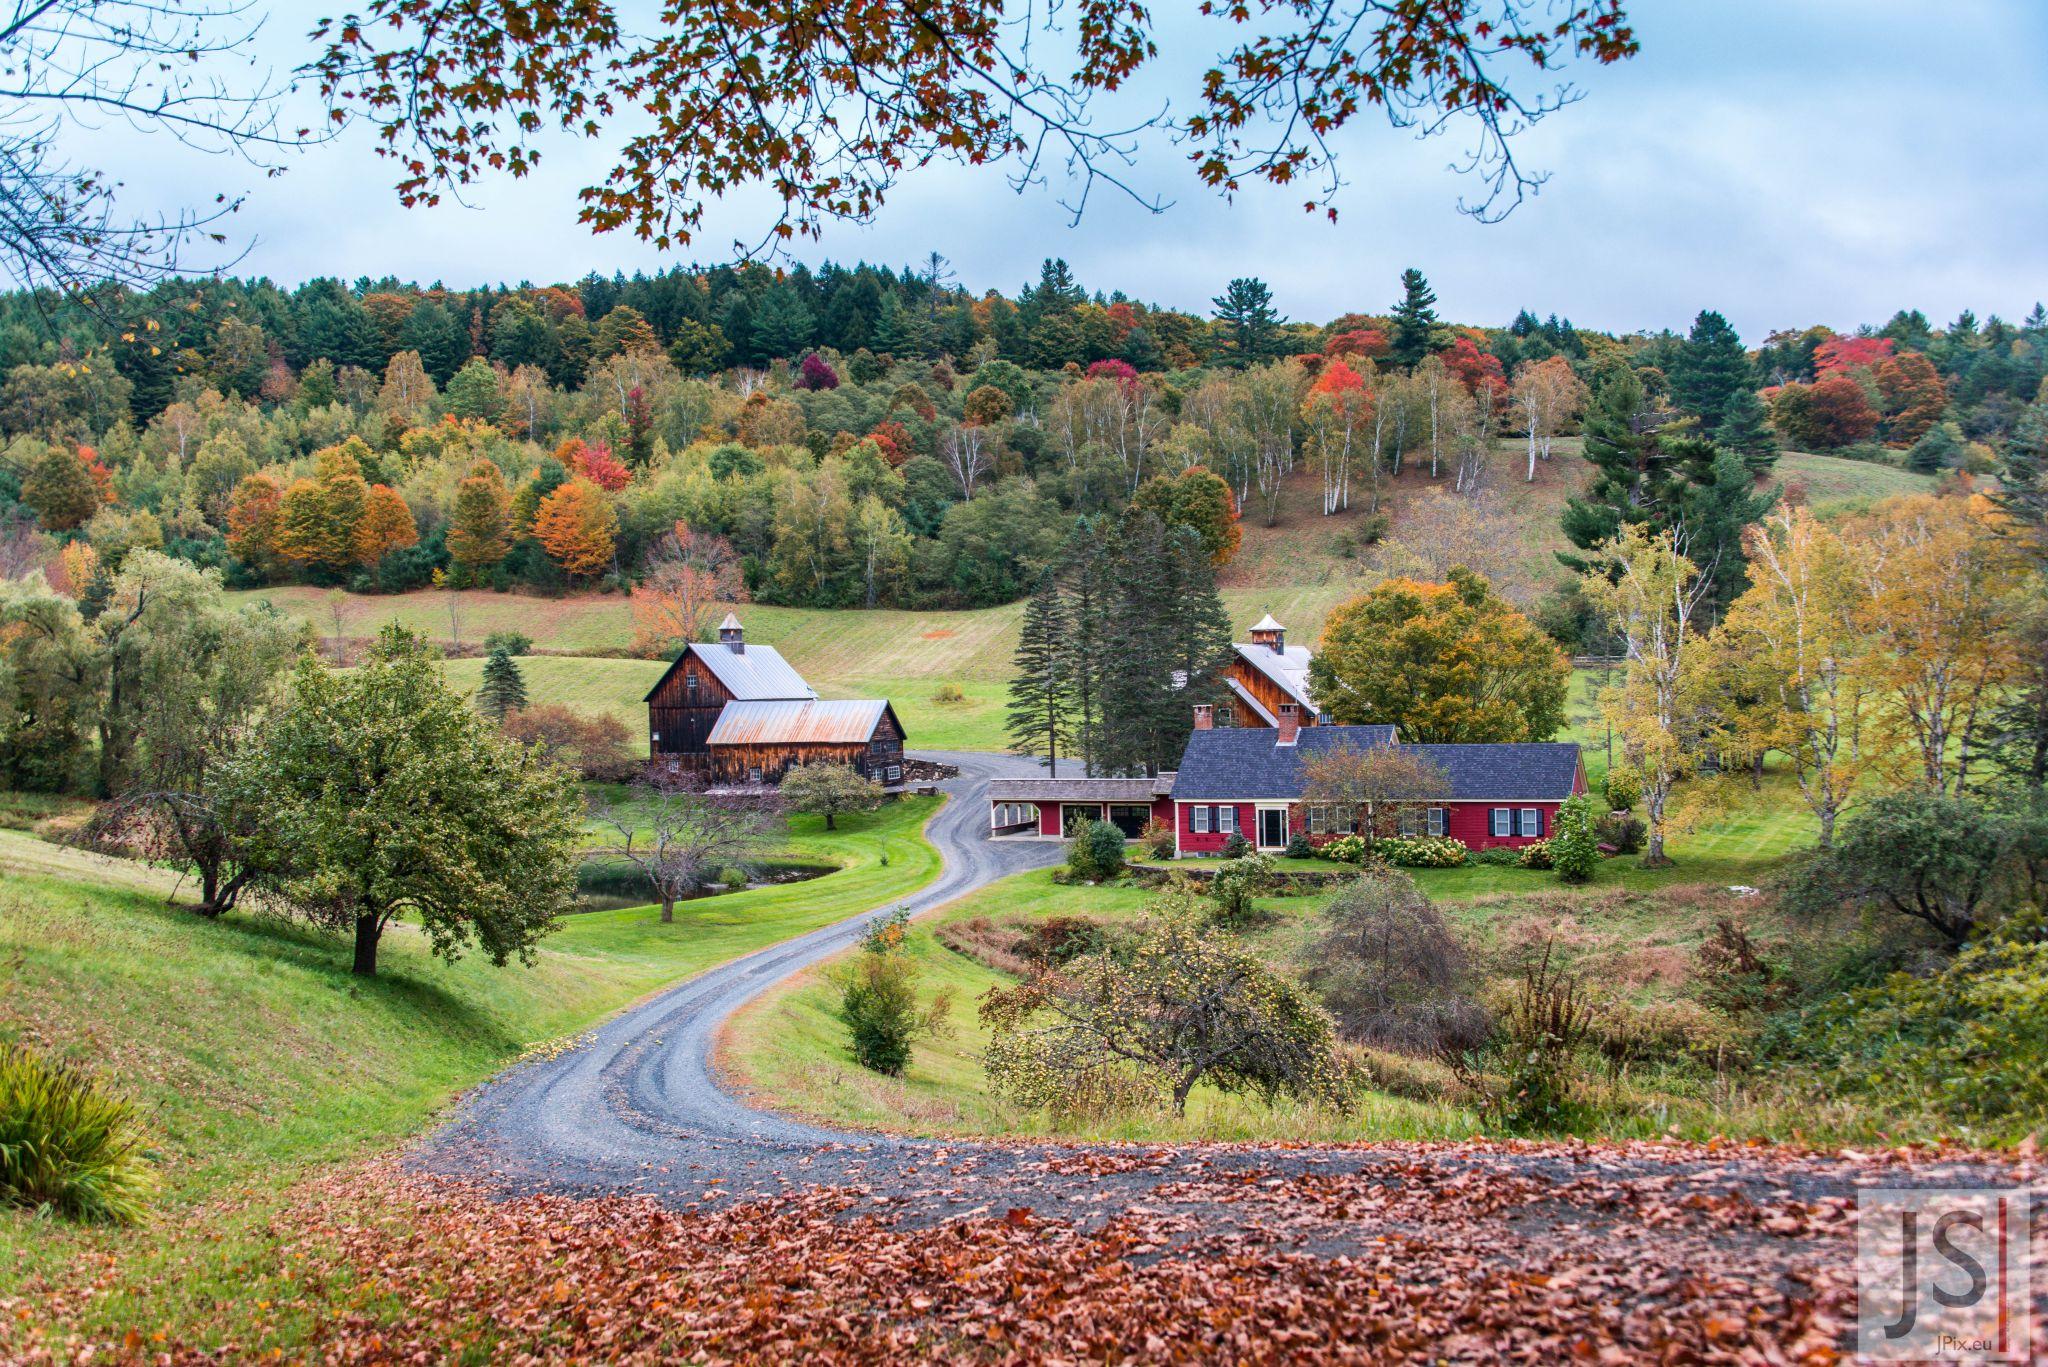 Sleepy Hollow Farm, USA